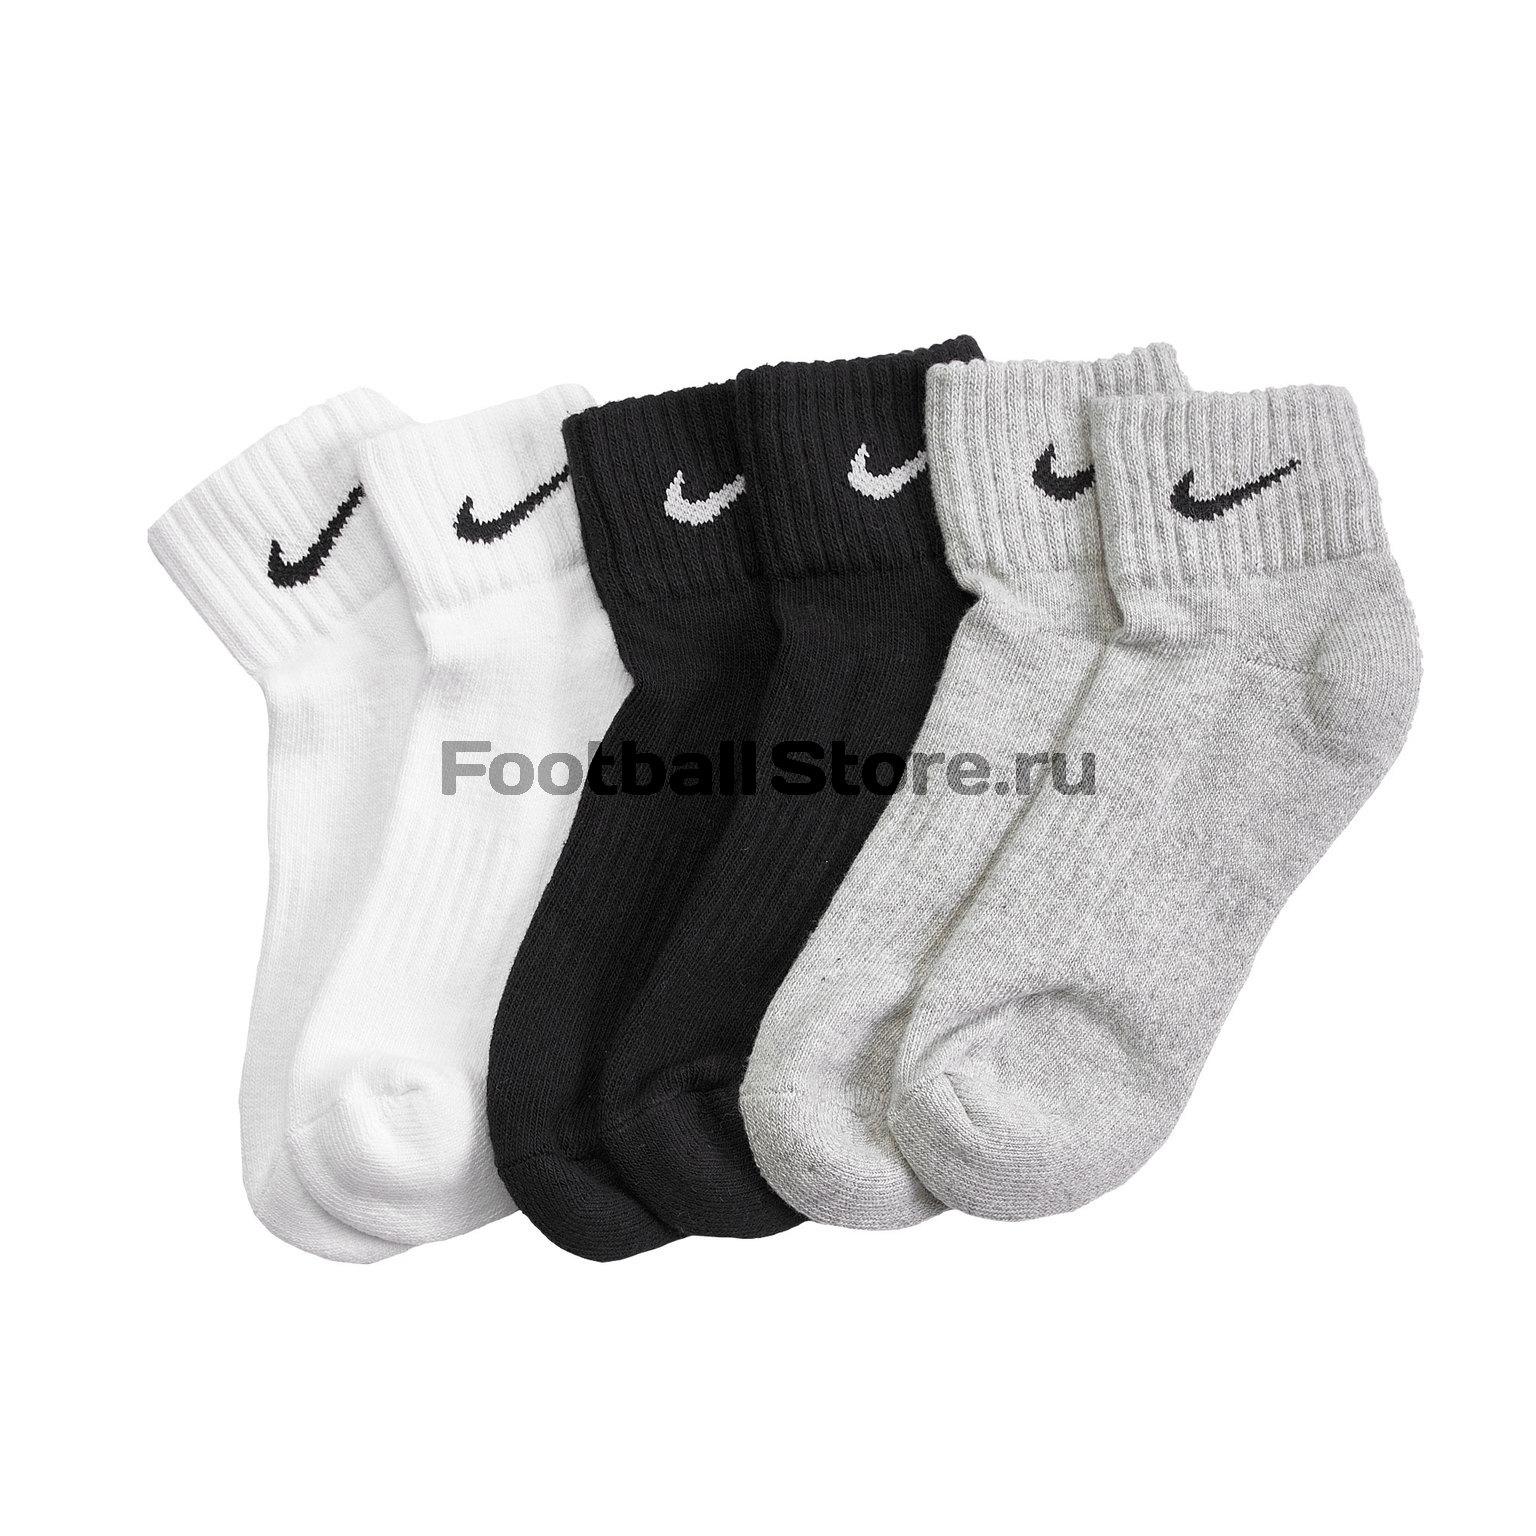 Комплект носков (3 пары) Nike SX4926-901 цена